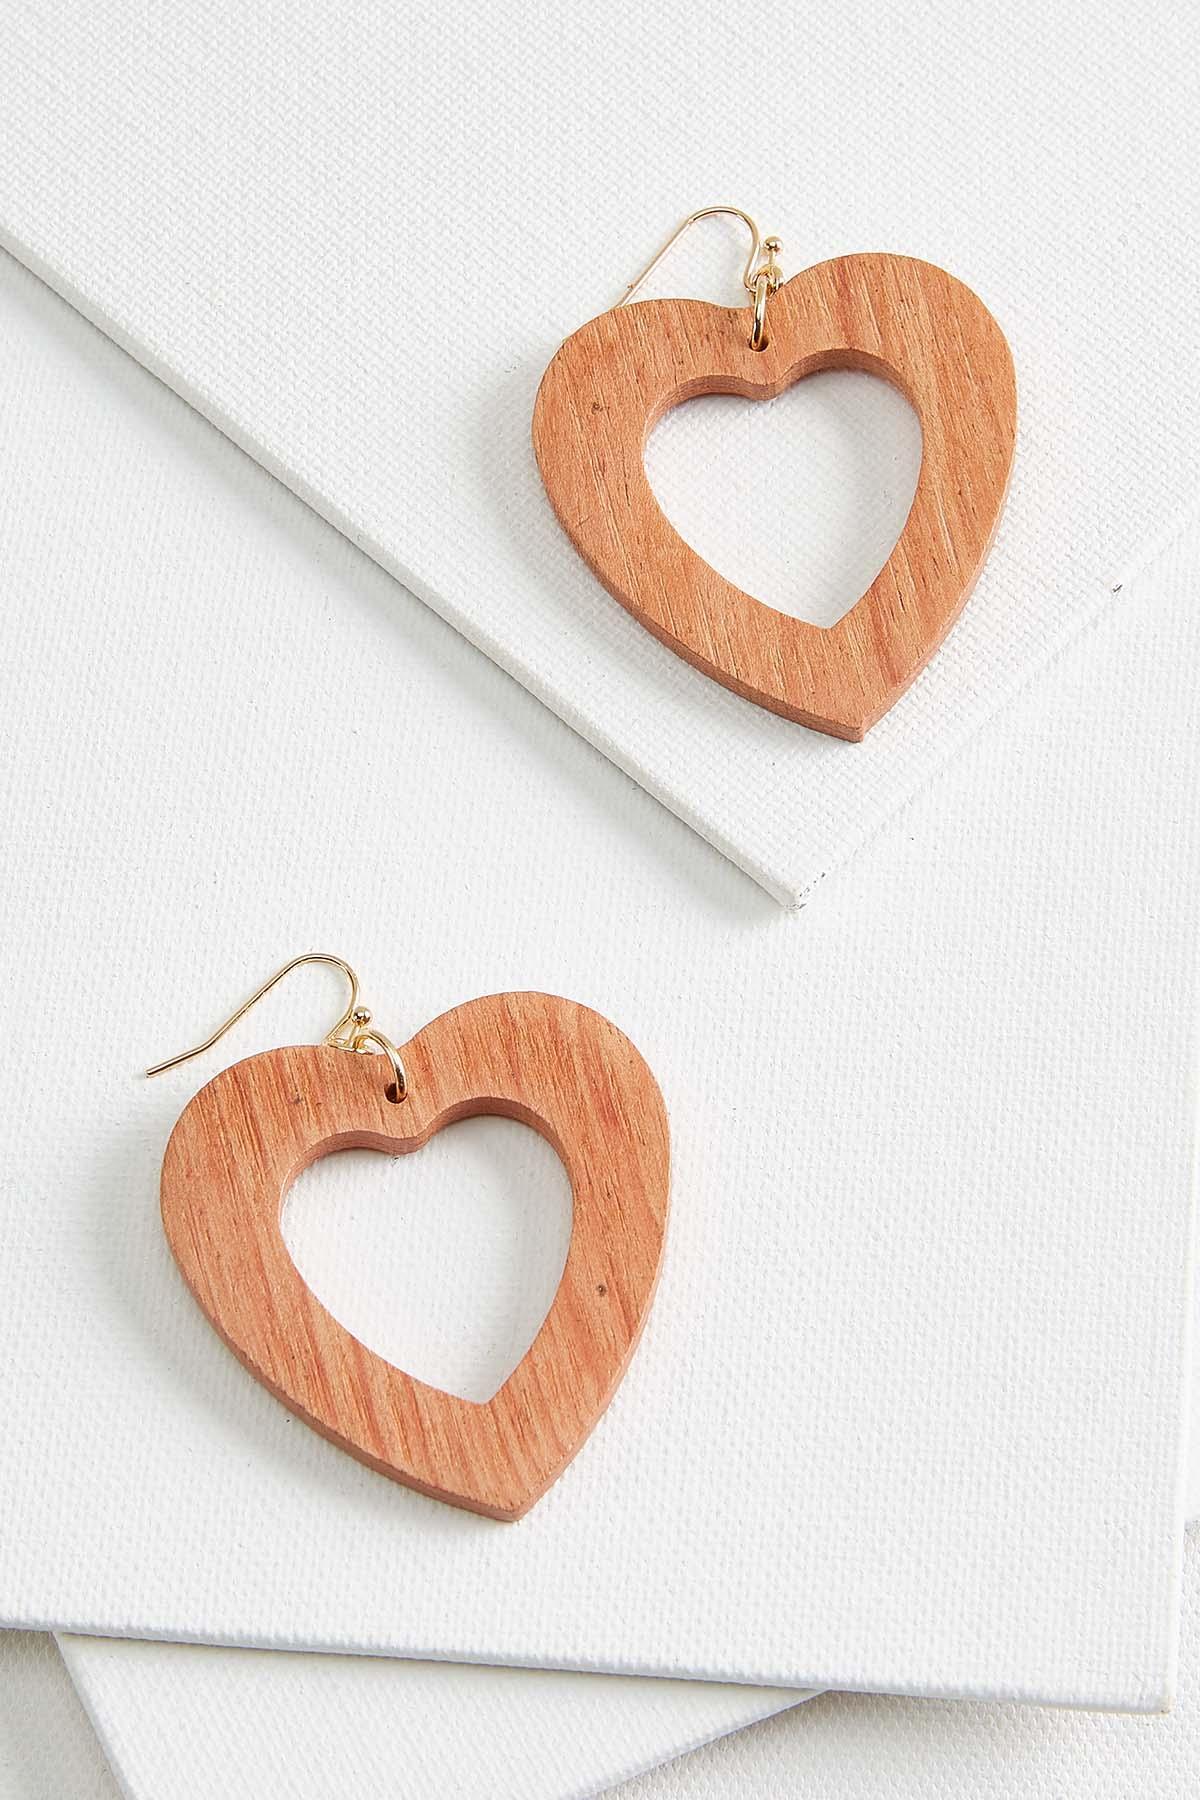 Retro Wooden Heart Earrings